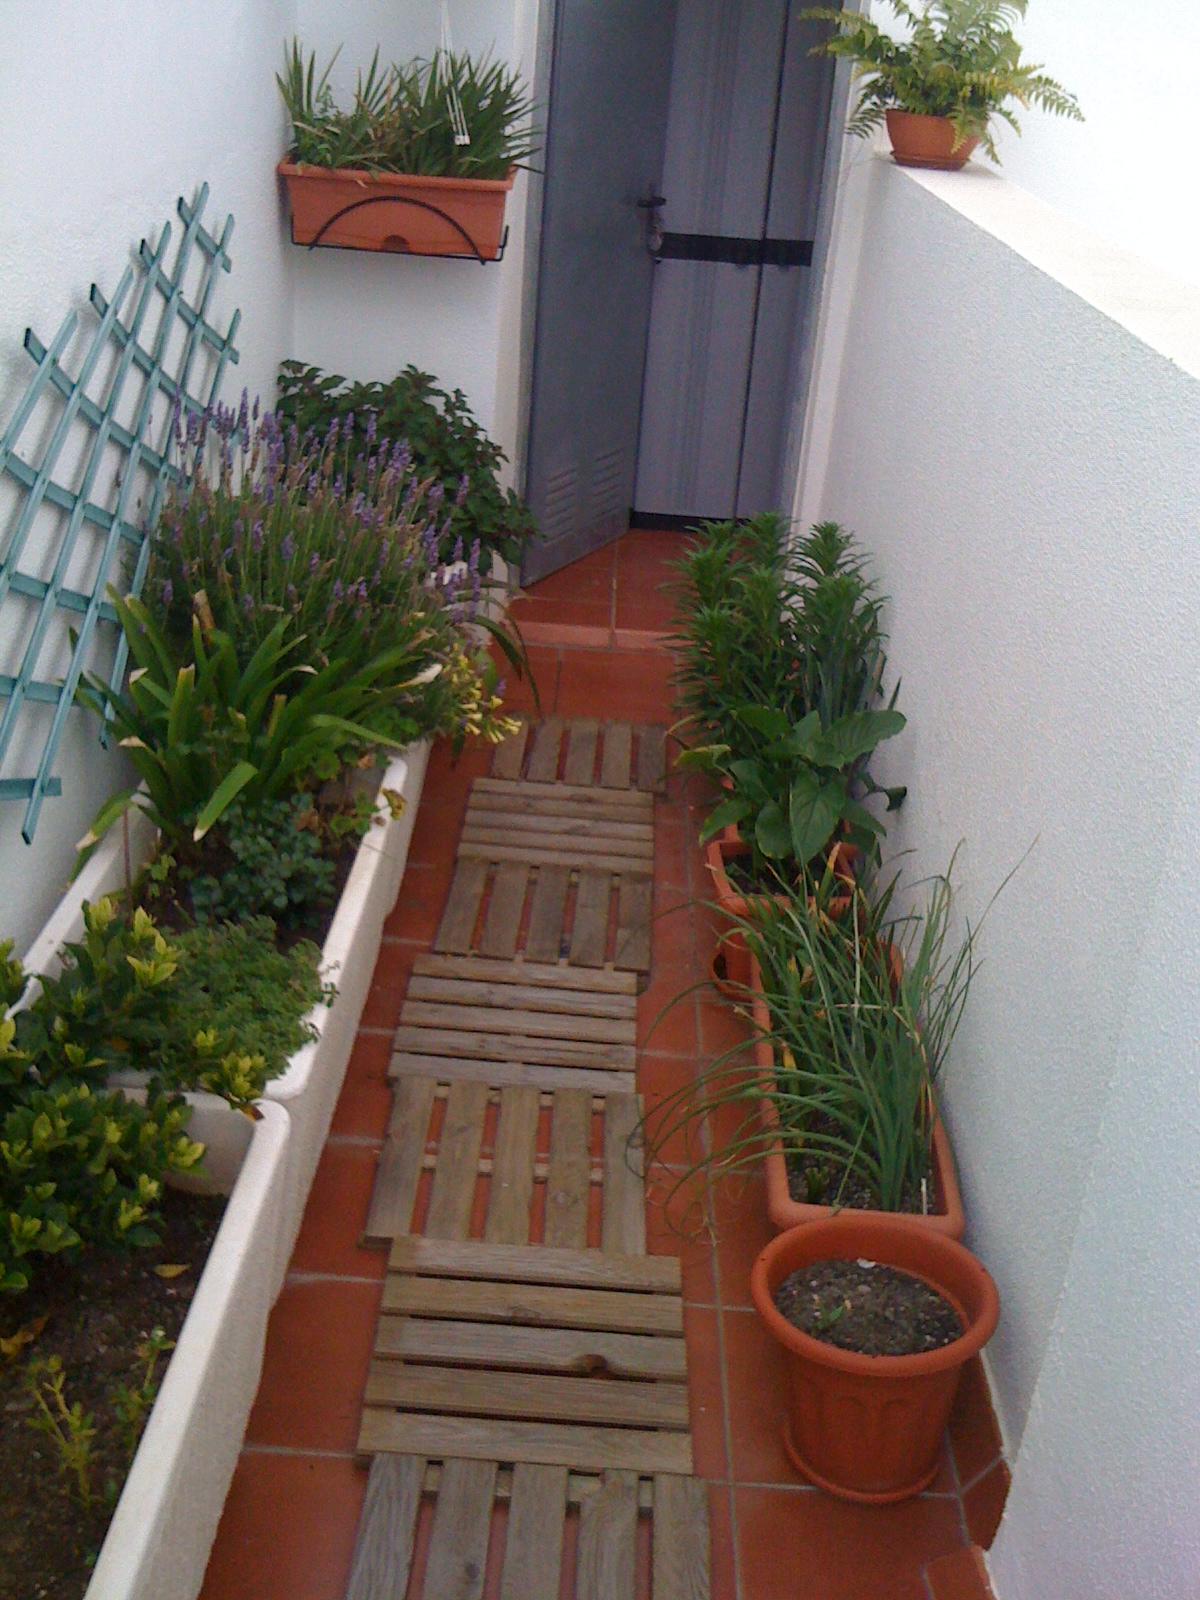 Un jardin el la azotea remodelando el jardin for Jardines pequenos y modernos